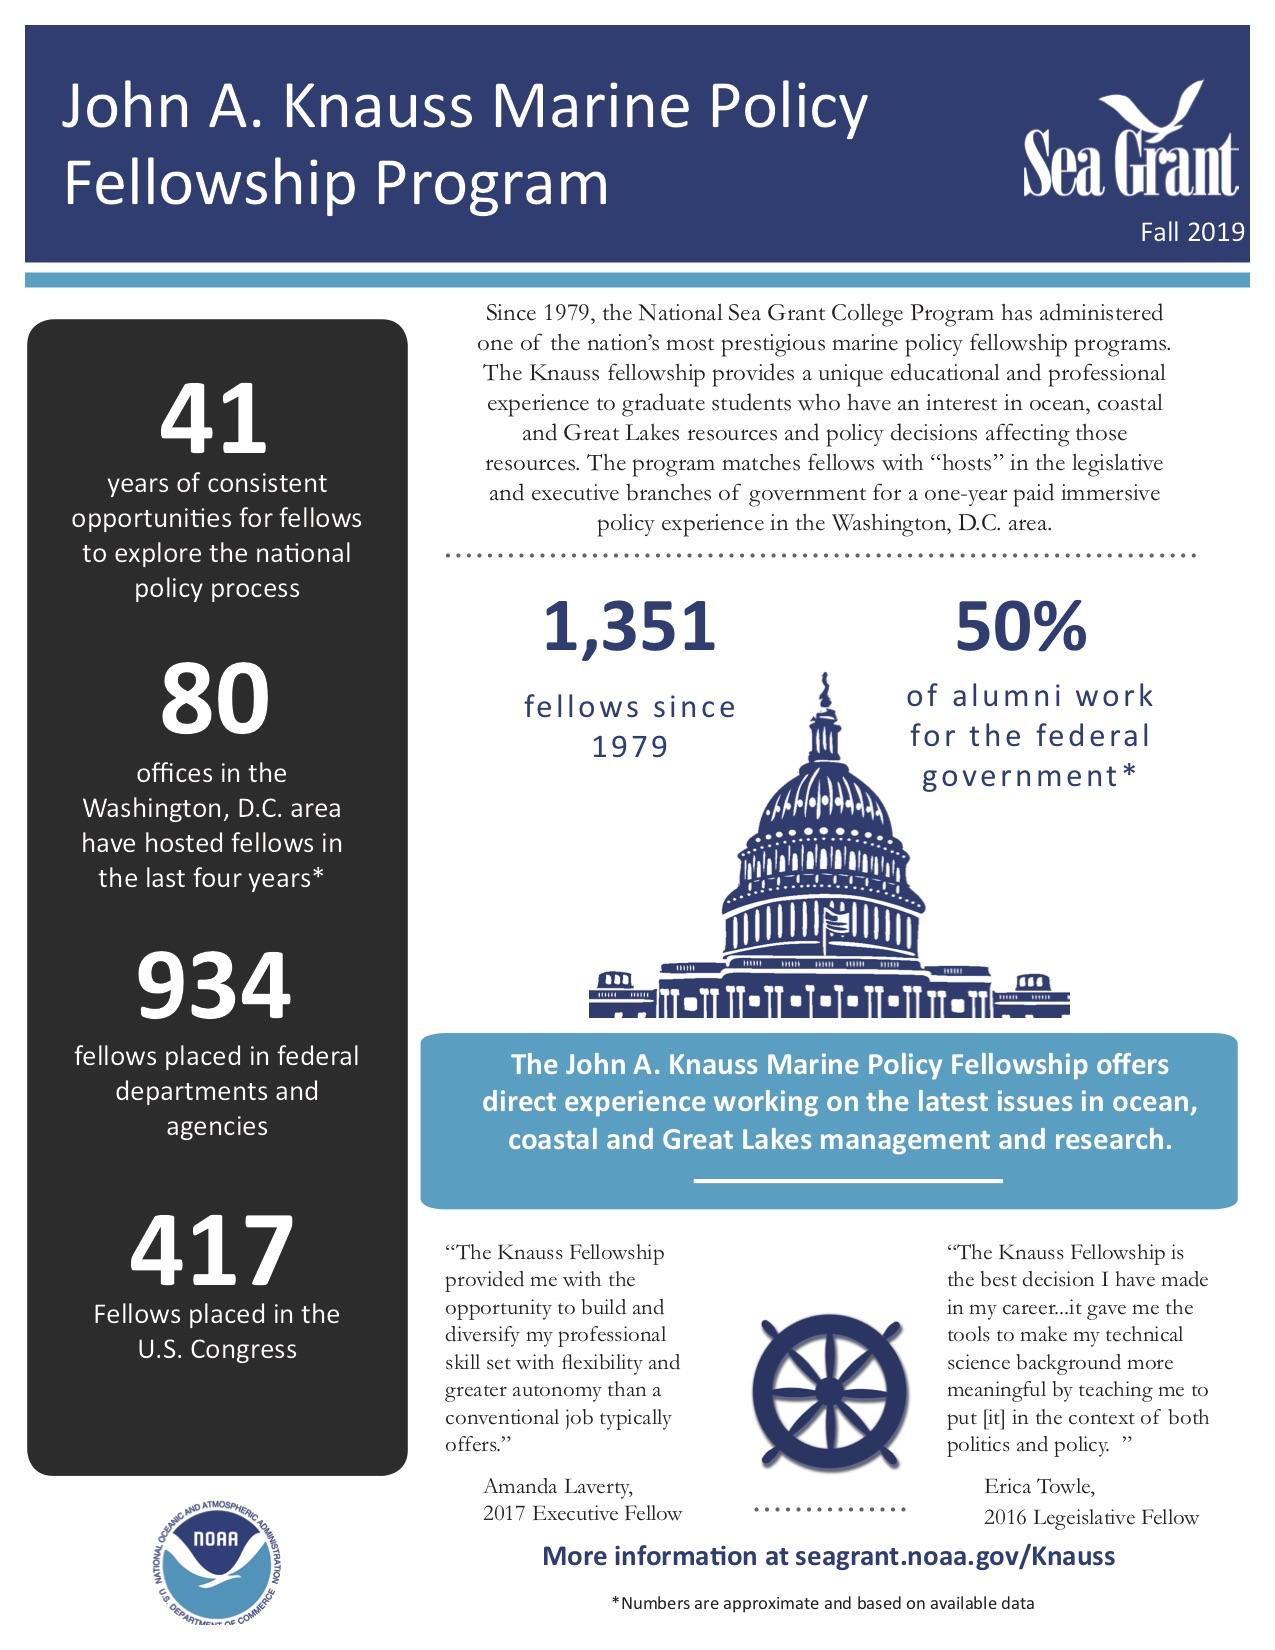 Fact sheet about the John A. Knauss Marine Policy Fellowship Program